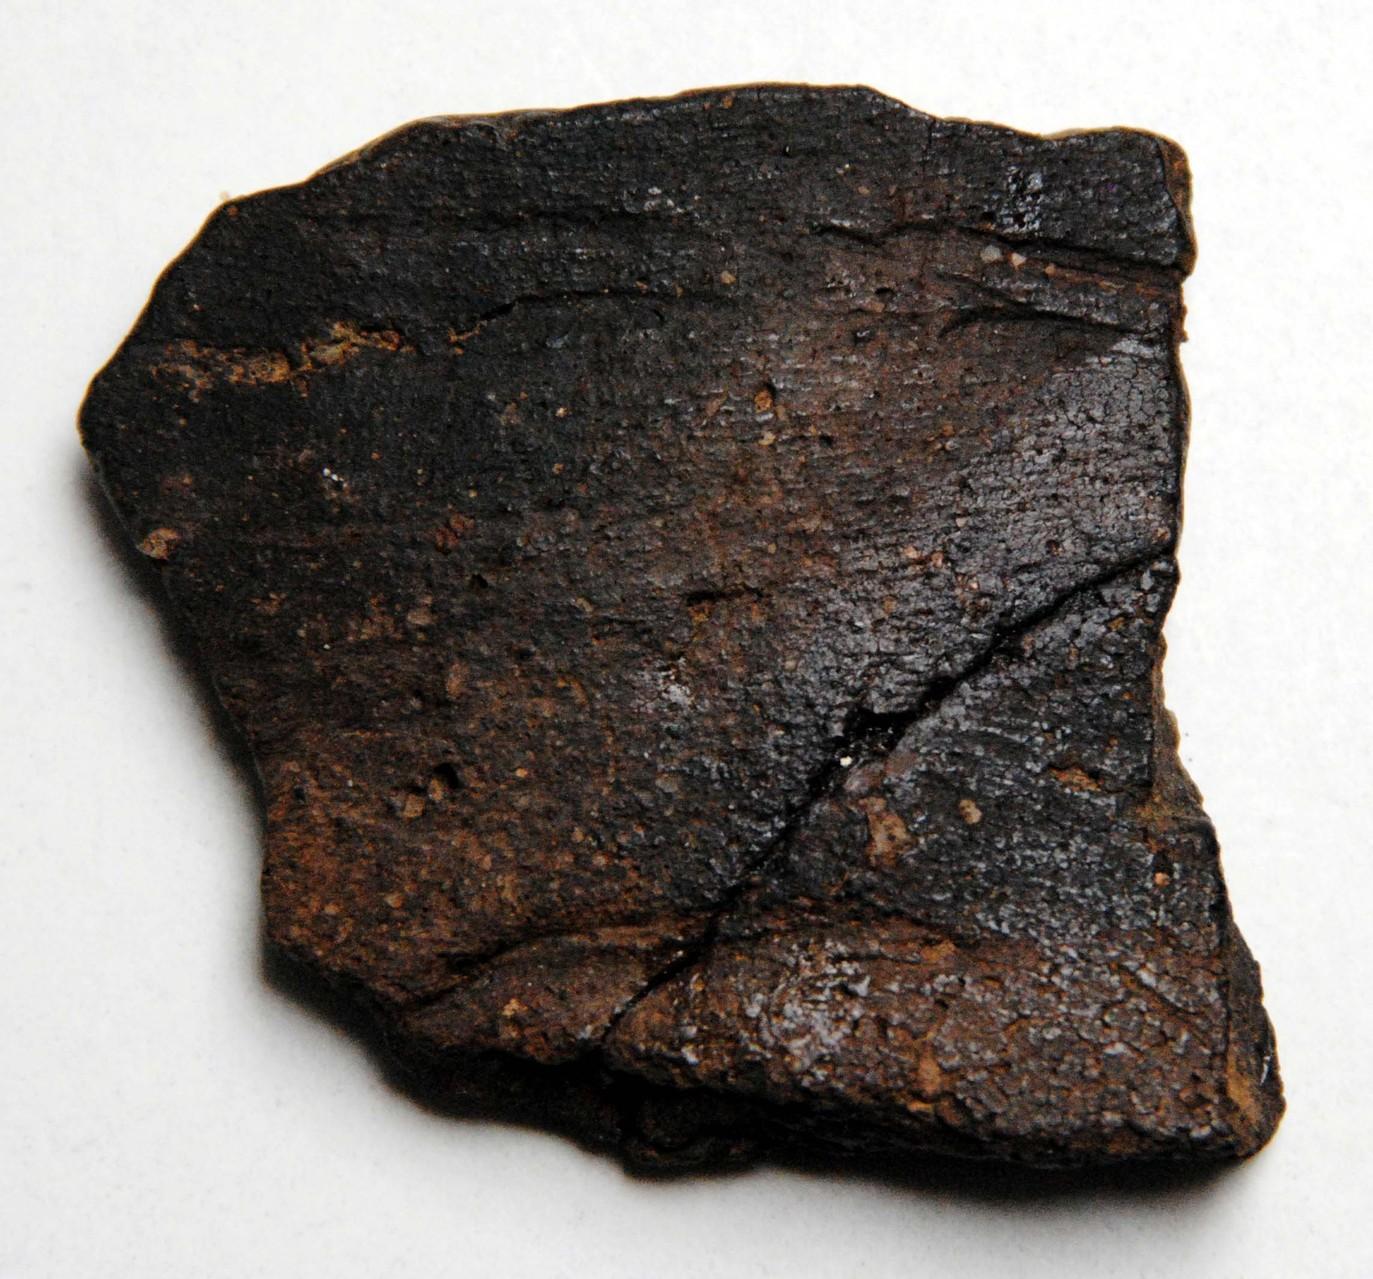 Bronzezeitliche Gefäß-Wandscherbe mit Spatelstich-Verzierung